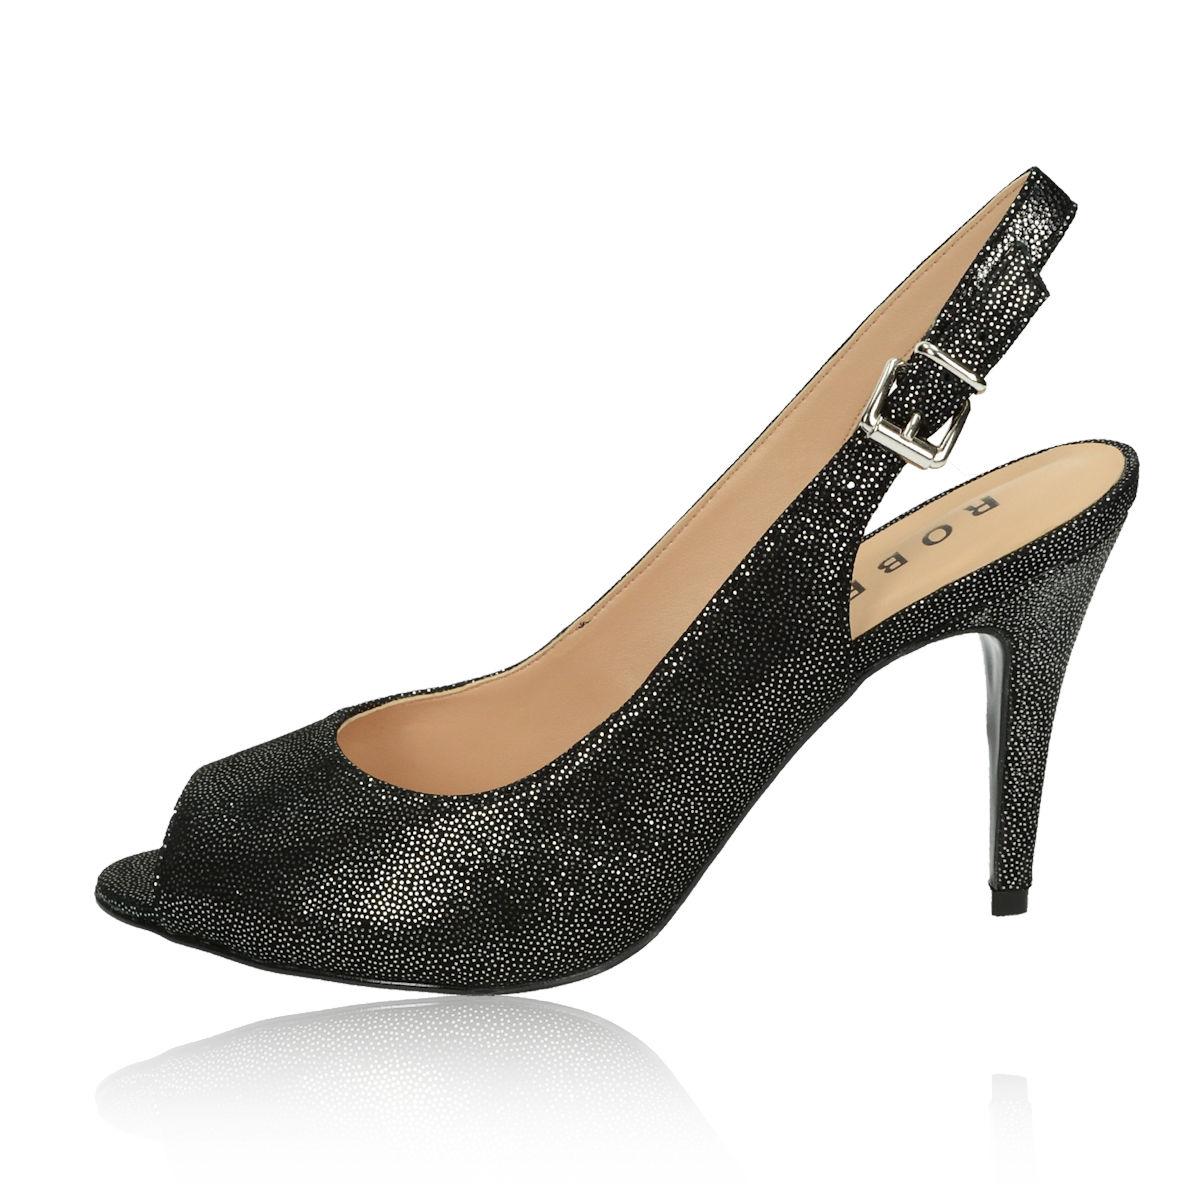 f0e60232a319 ... Robel dámske sandále na vysokom podpätku - čierne ...